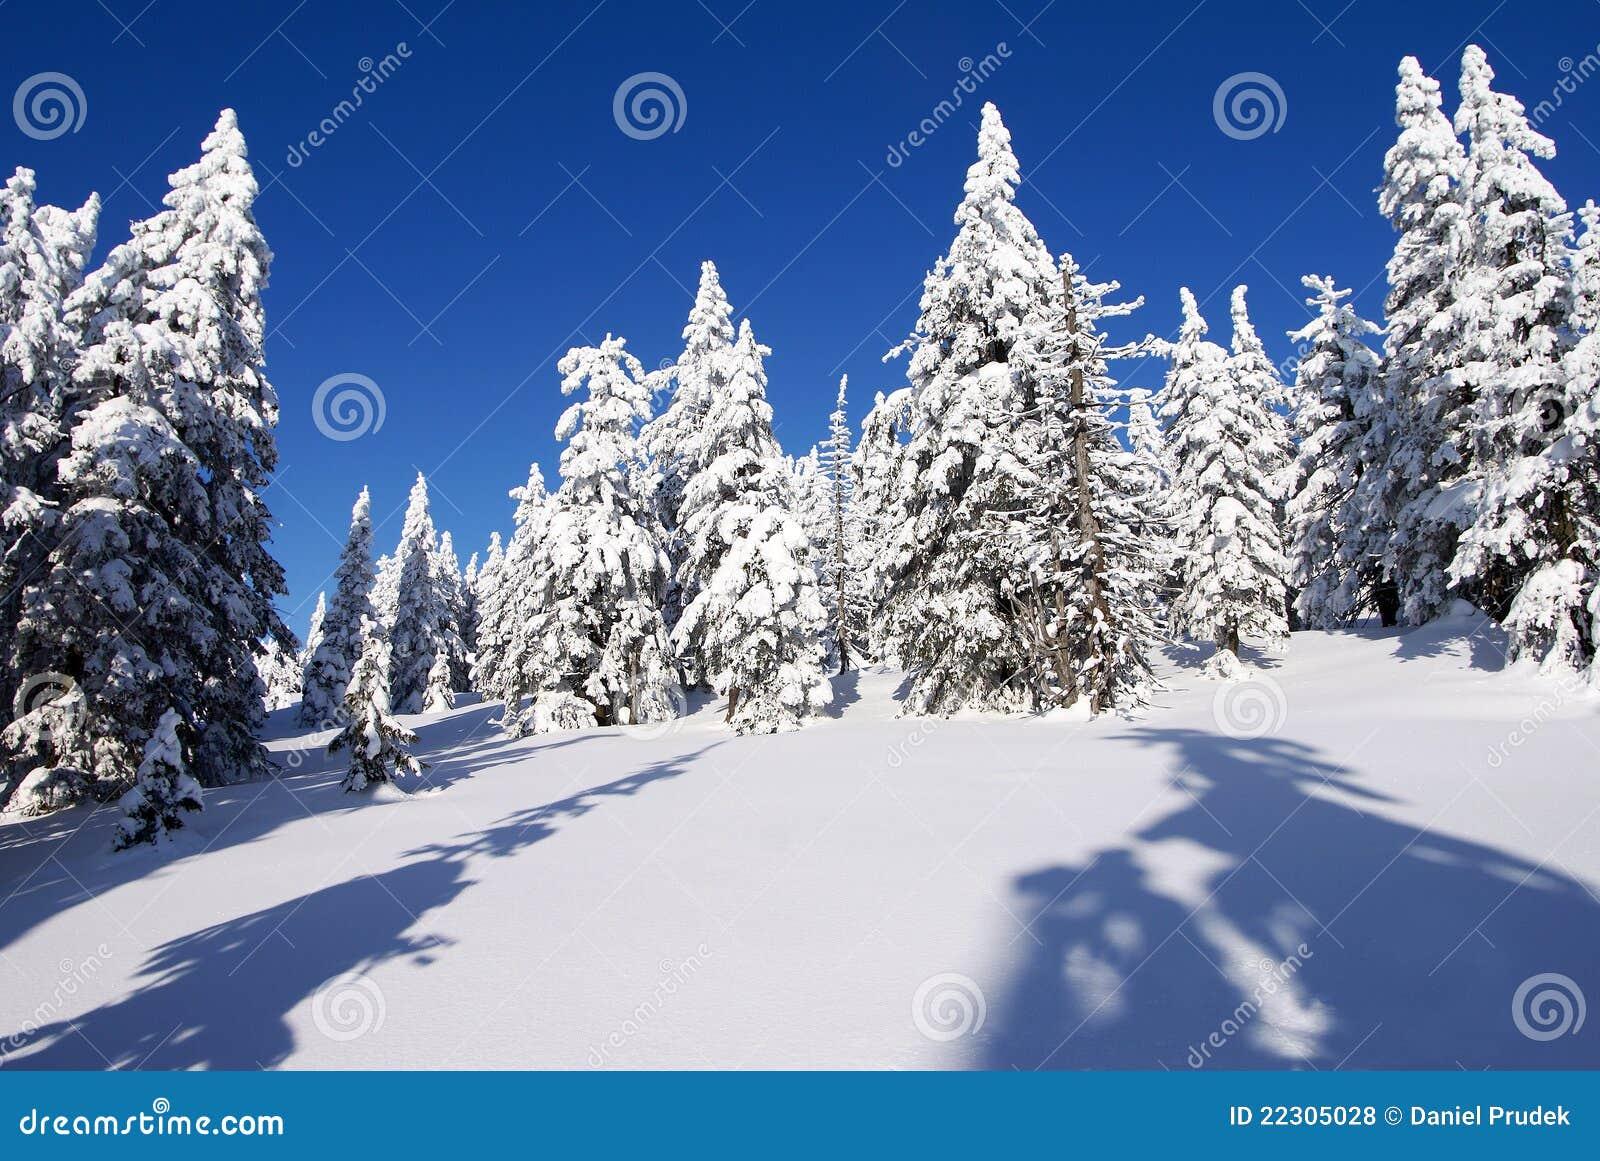 Paesaggio invernale di paesaggio fotografia stock for Disegni paesaggio invernale